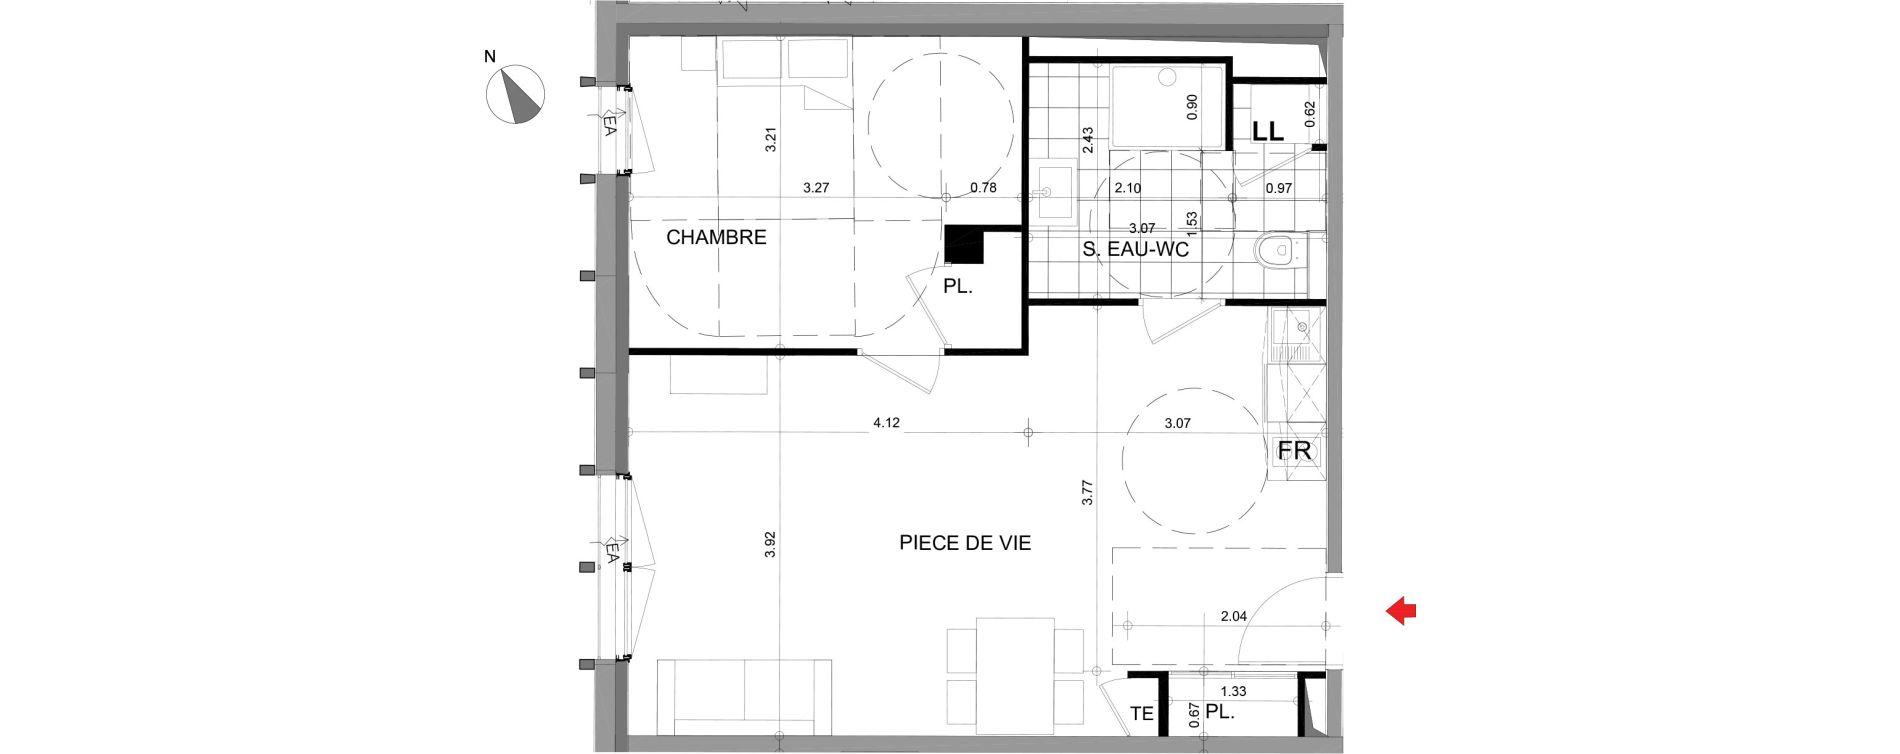 Appartement T2 meublé de 49,02 m2 à Angers Angers centre